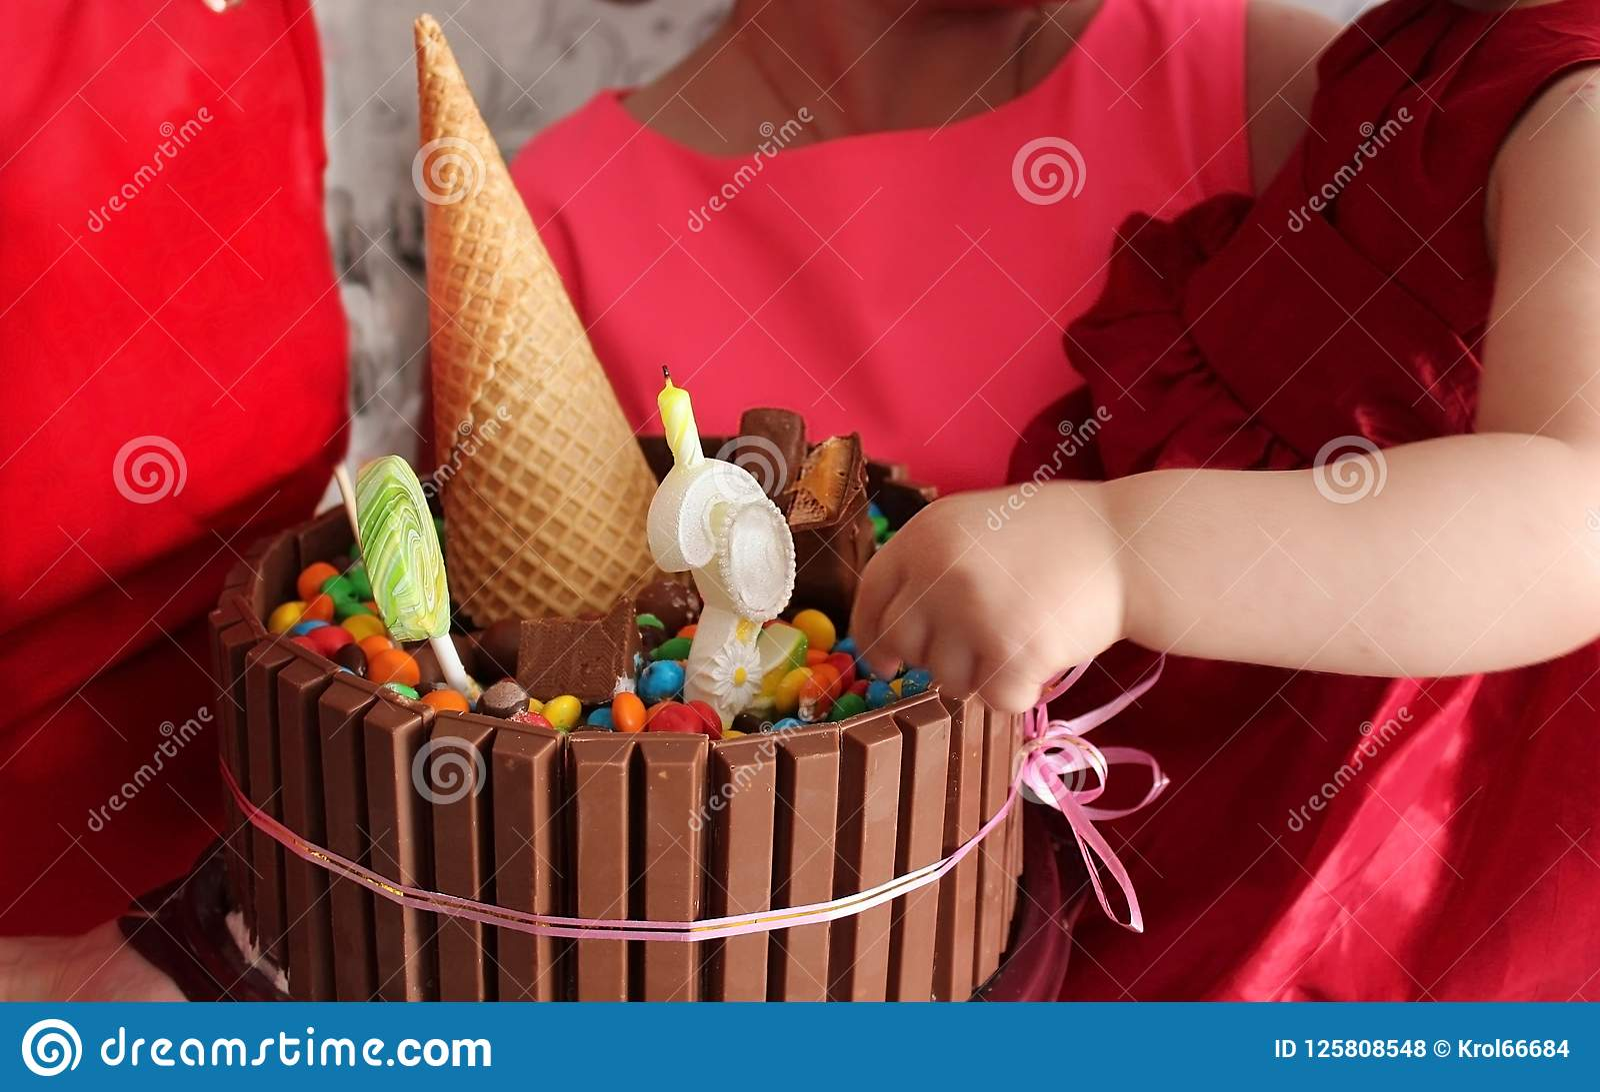 Яркий шоколадный торт для дня рождения маленькой девочки